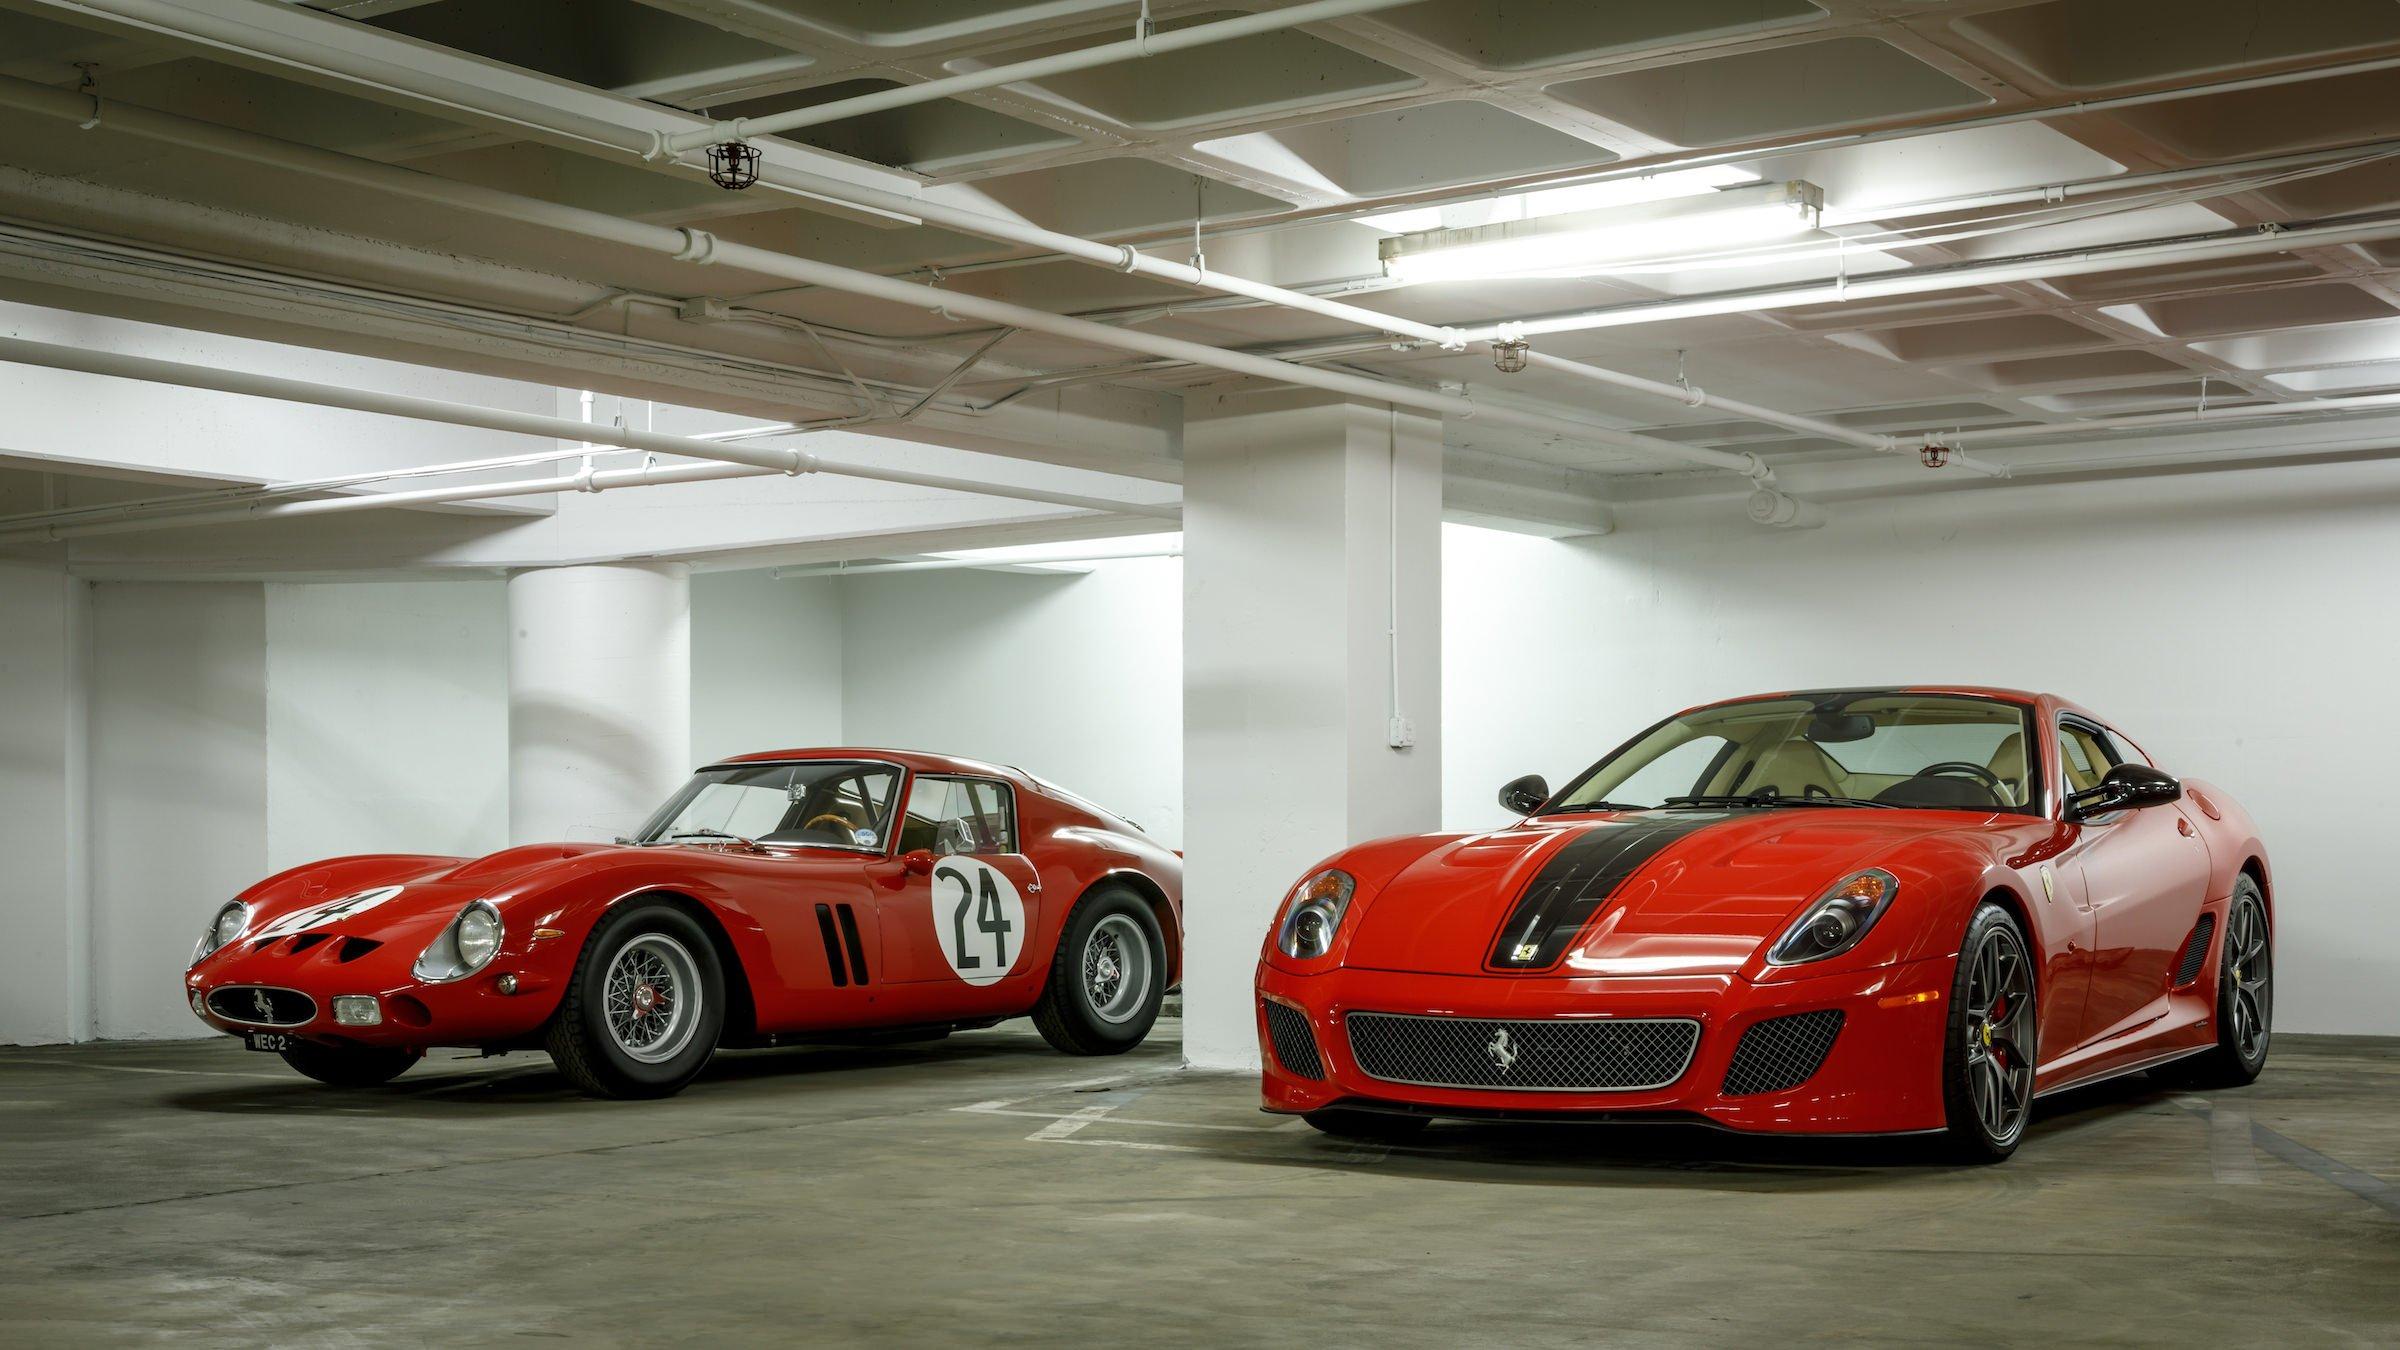 The 70 Million Dollar Ferrari 250 Gto In The Vault